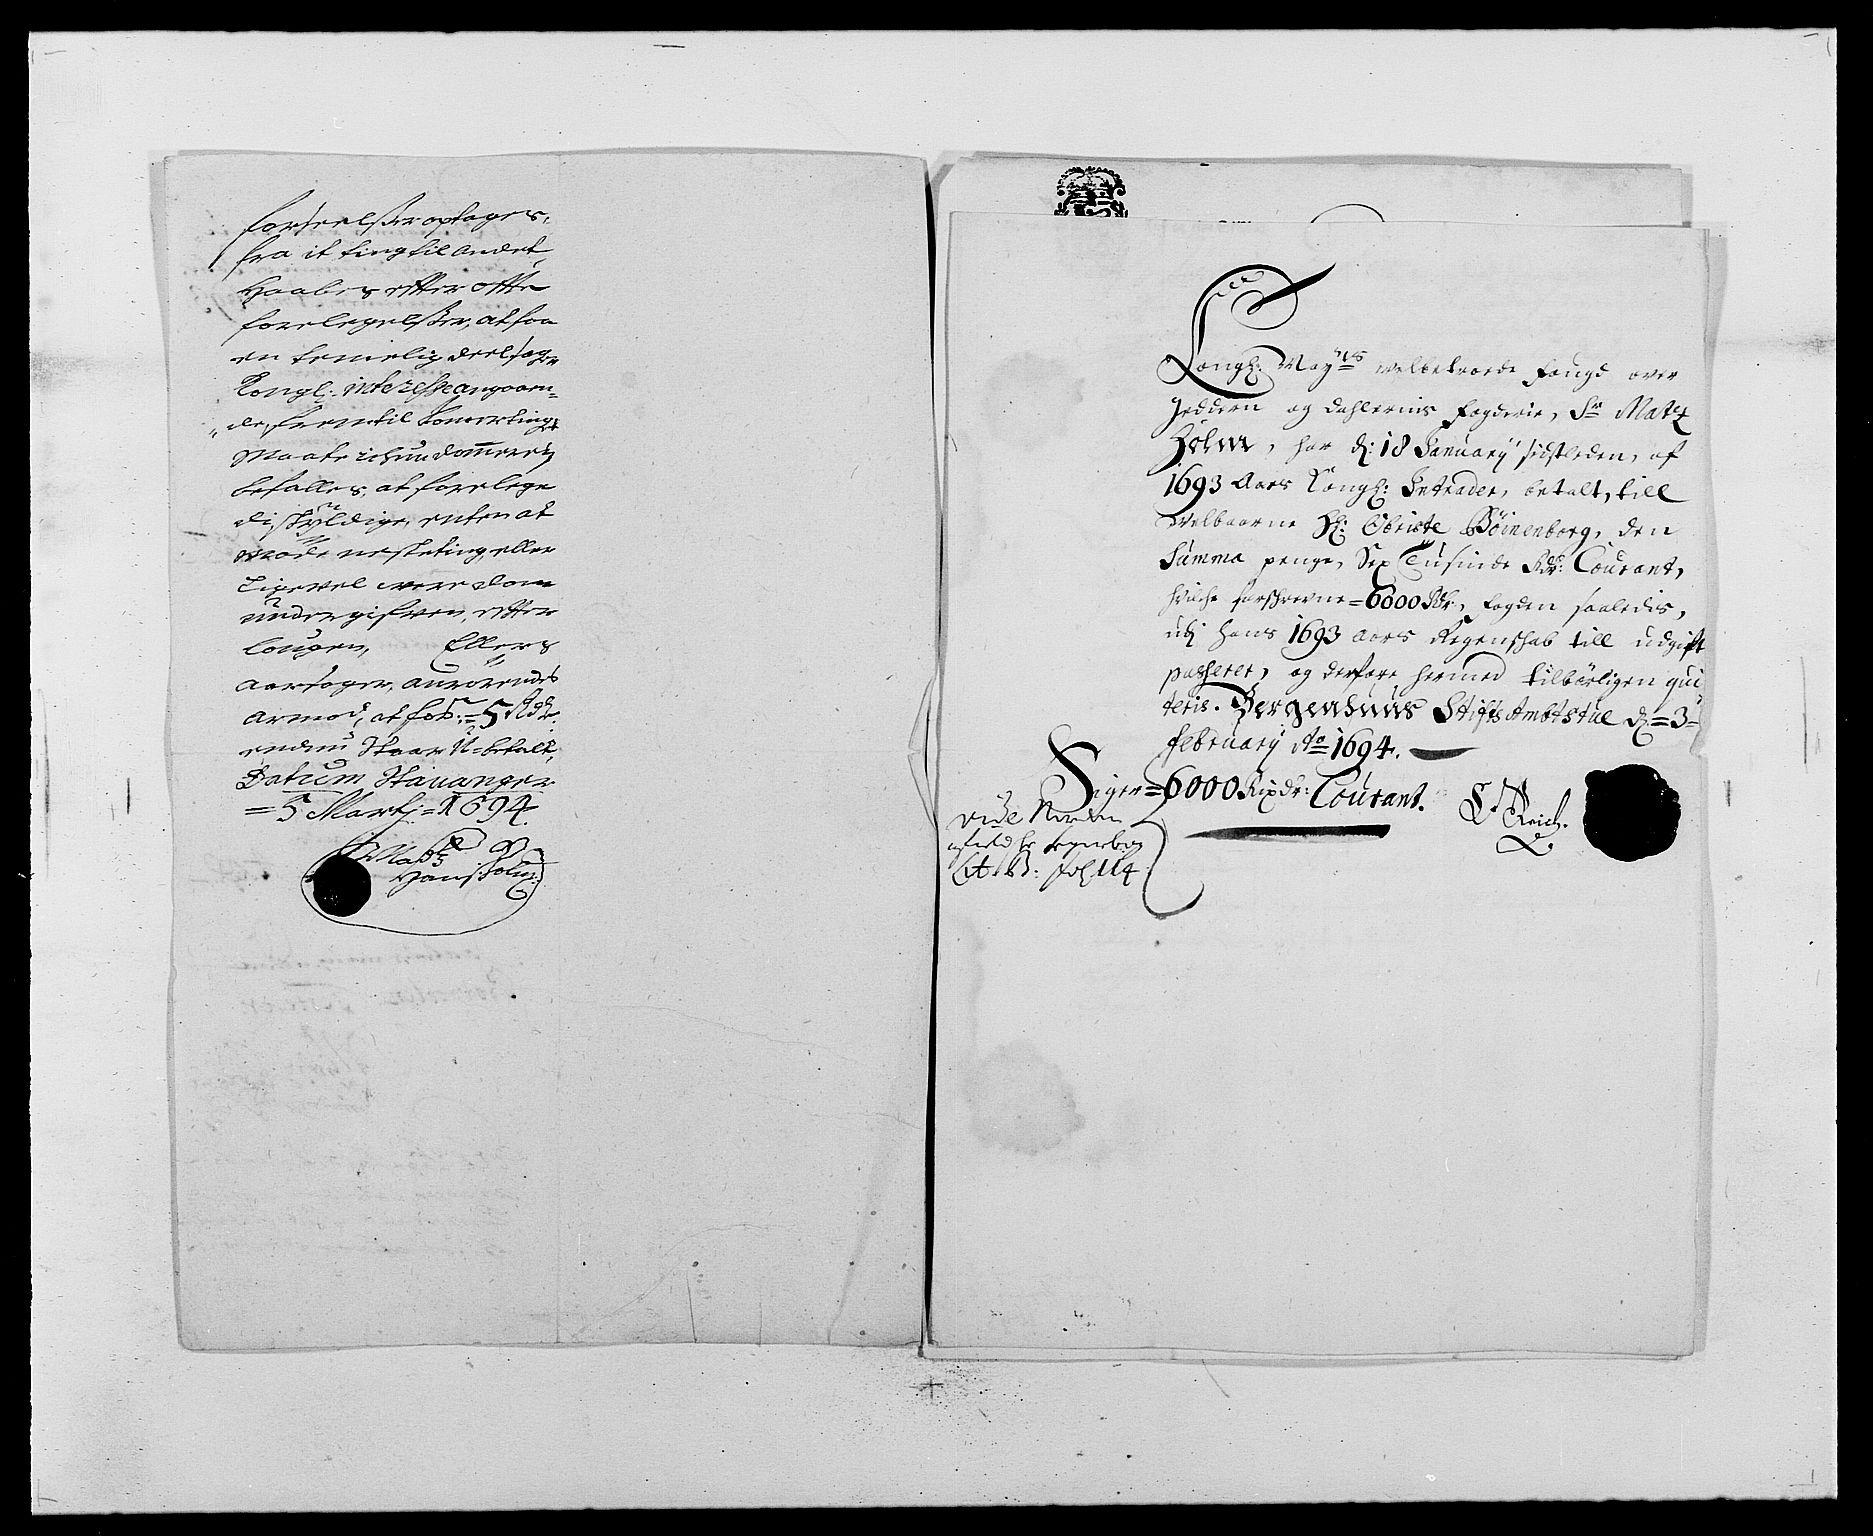 RA, Rentekammeret inntil 1814, Reviderte regnskaper, Fogderegnskap, R46/L2727: Fogderegnskap Jæren og Dalane, 1690-1693, s. 275